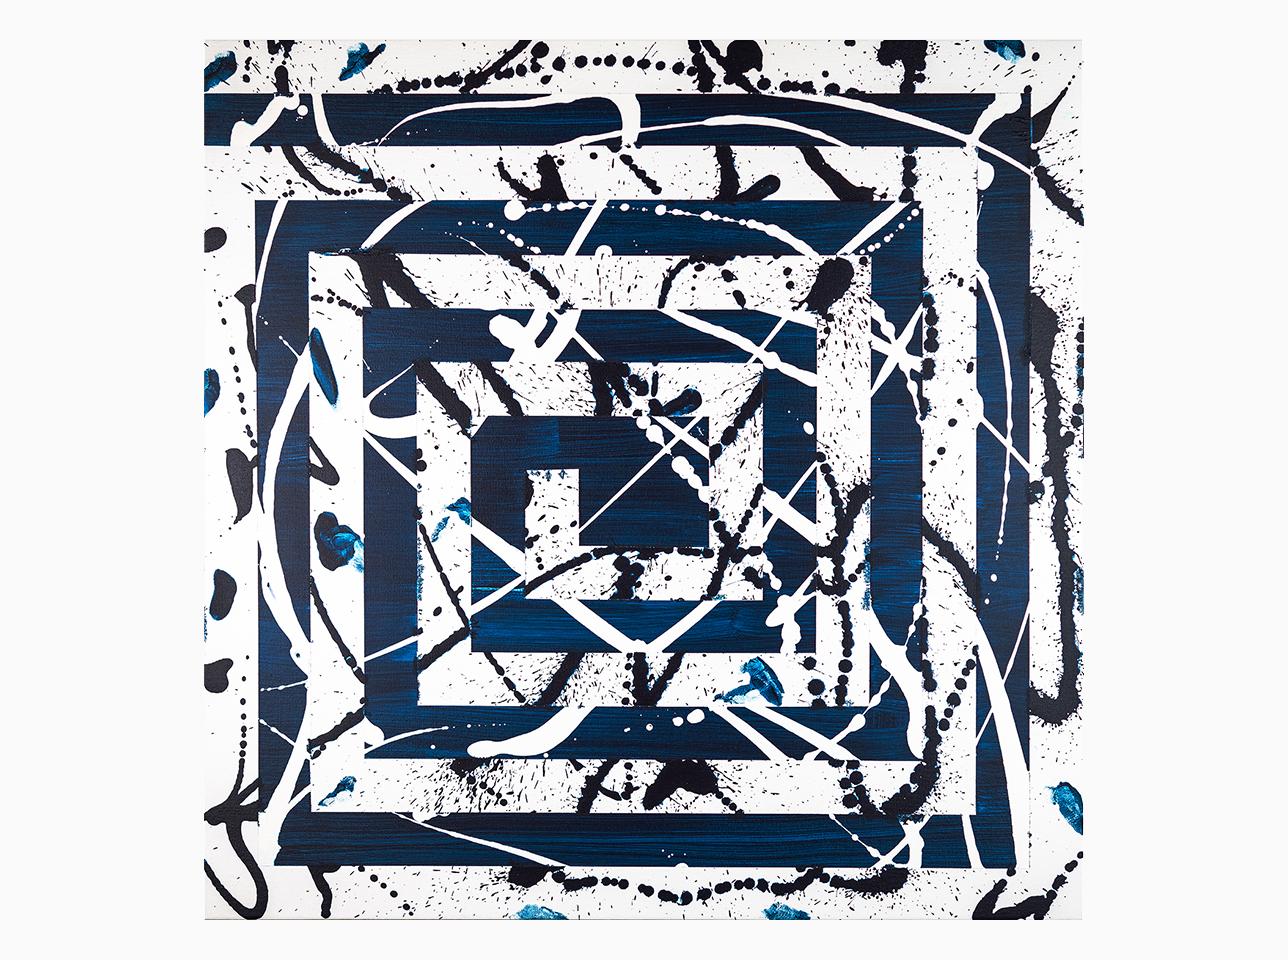 Gemälde Leinwand auf Acryl mit dem Titel Mäander Blau von Ruth Schilling